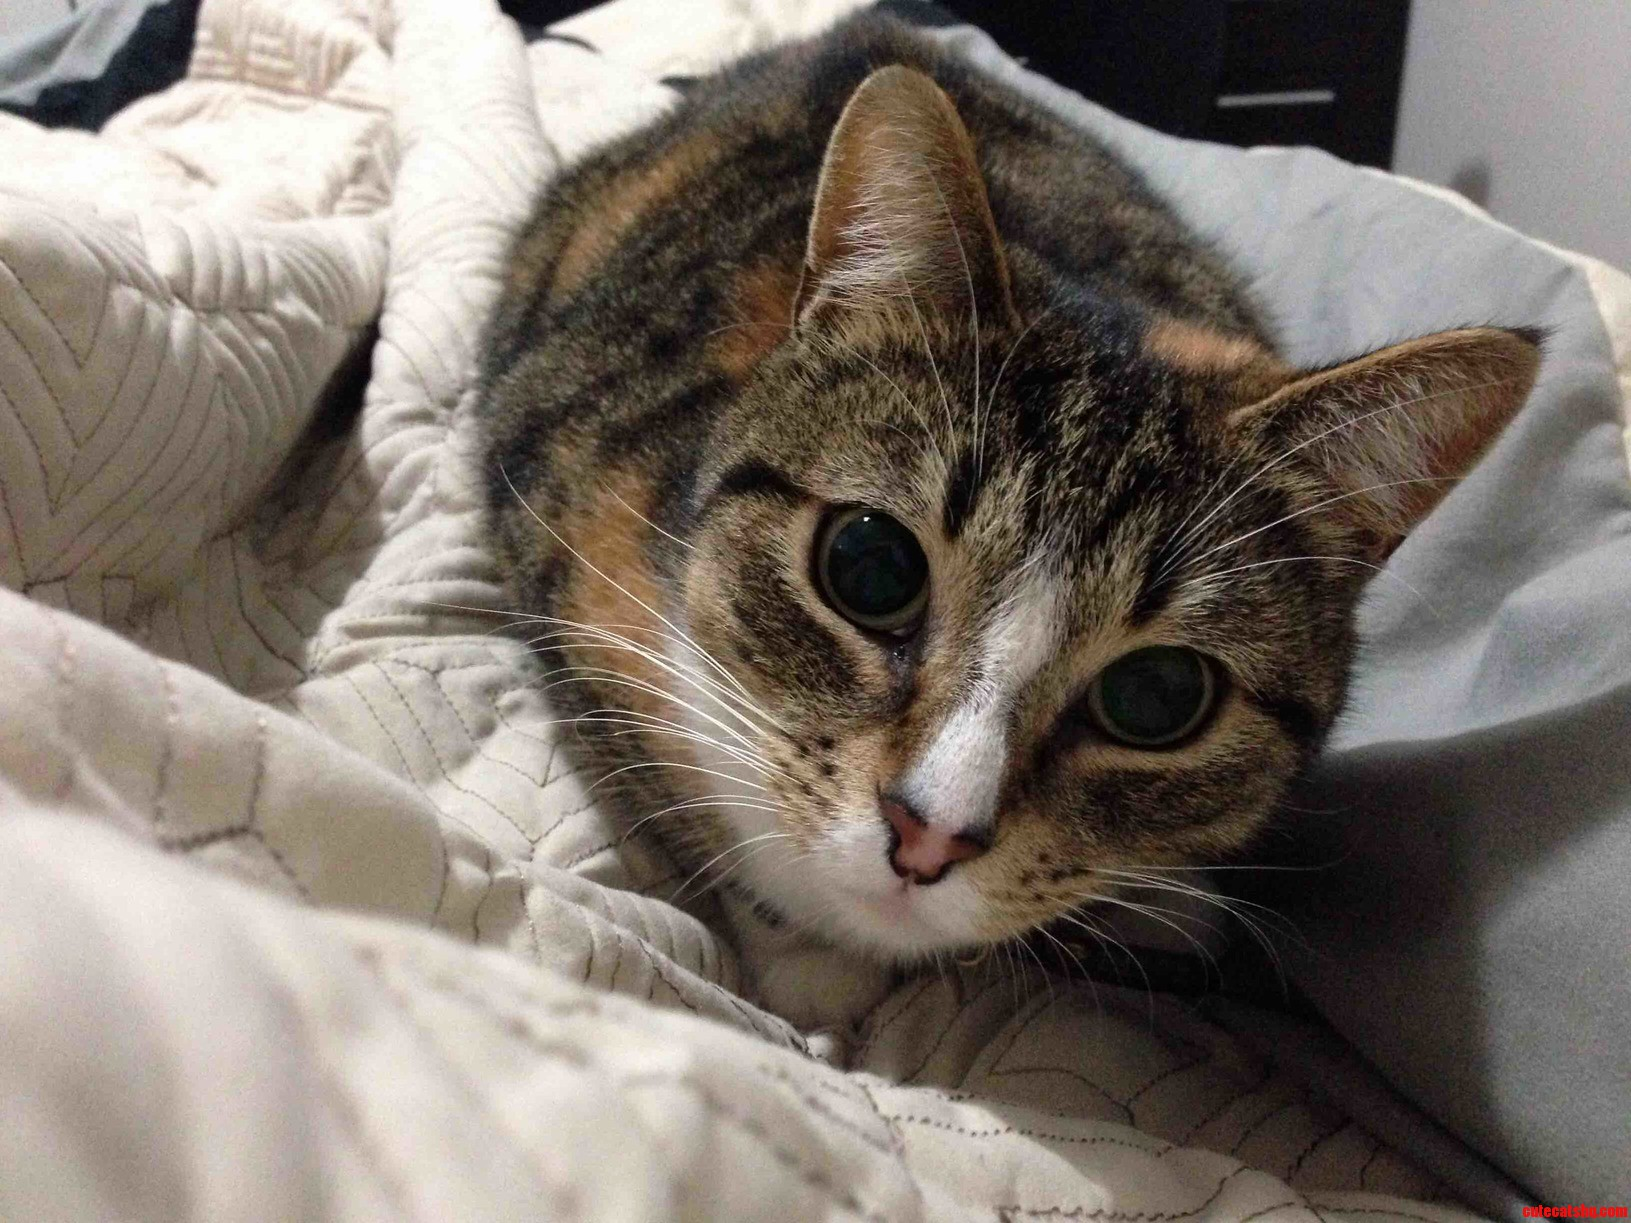 My So Has A Cute Cat.